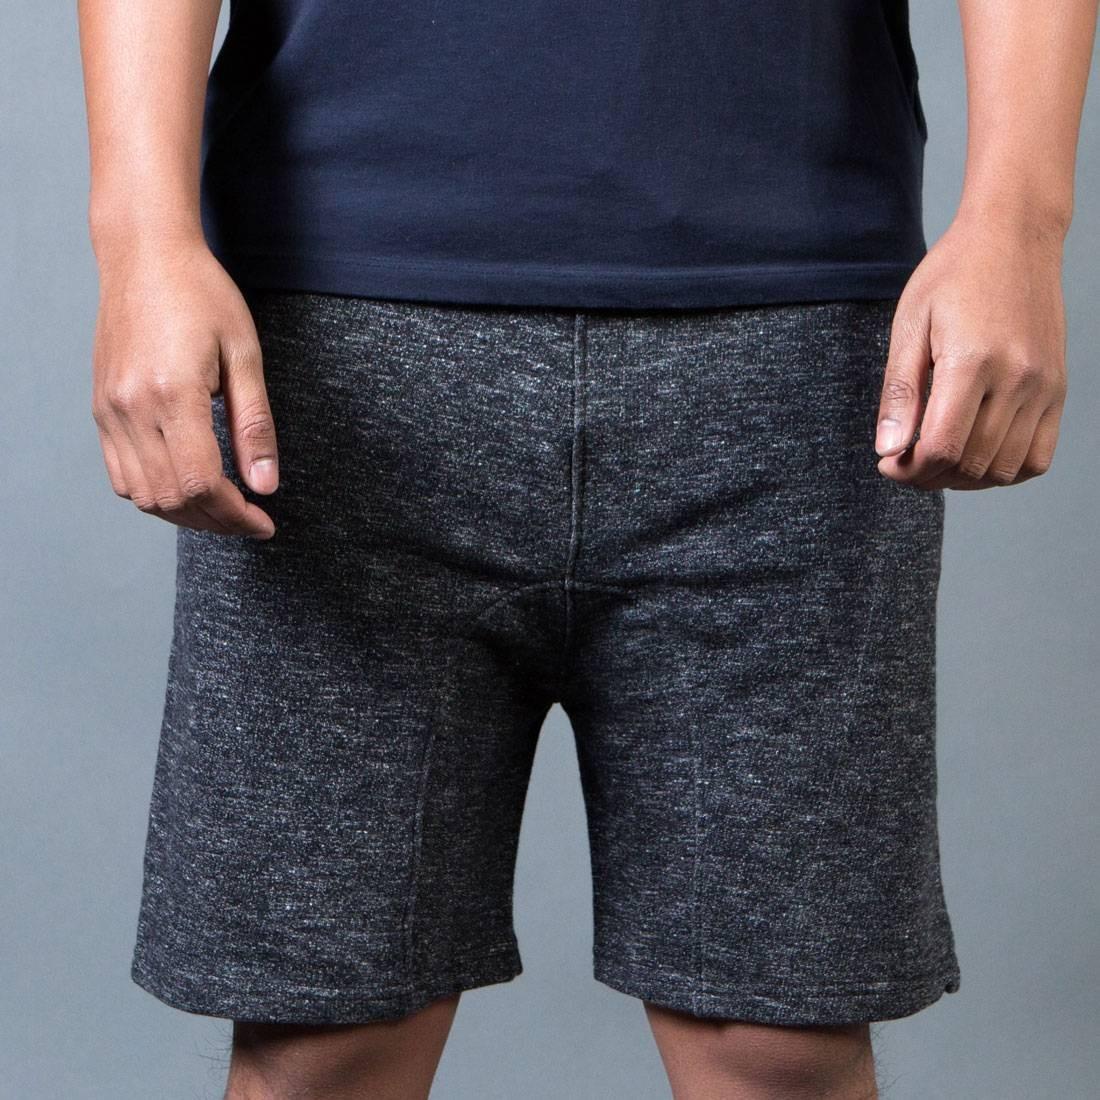 ショーツ ハーフパンツ 【 ELEVEN PARIS MEN RUFIN M SHORTS BLACK 】 メンズファッション ズボン パンツ 送料無料